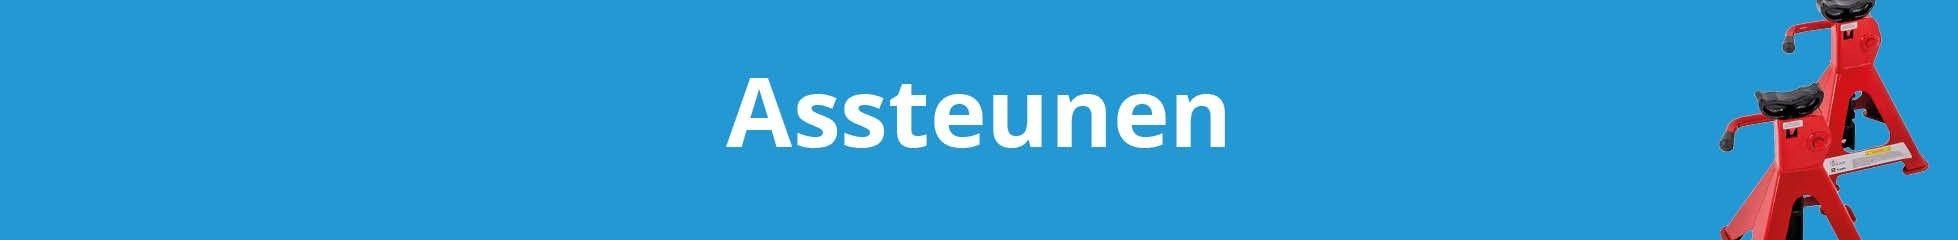 Assteunen